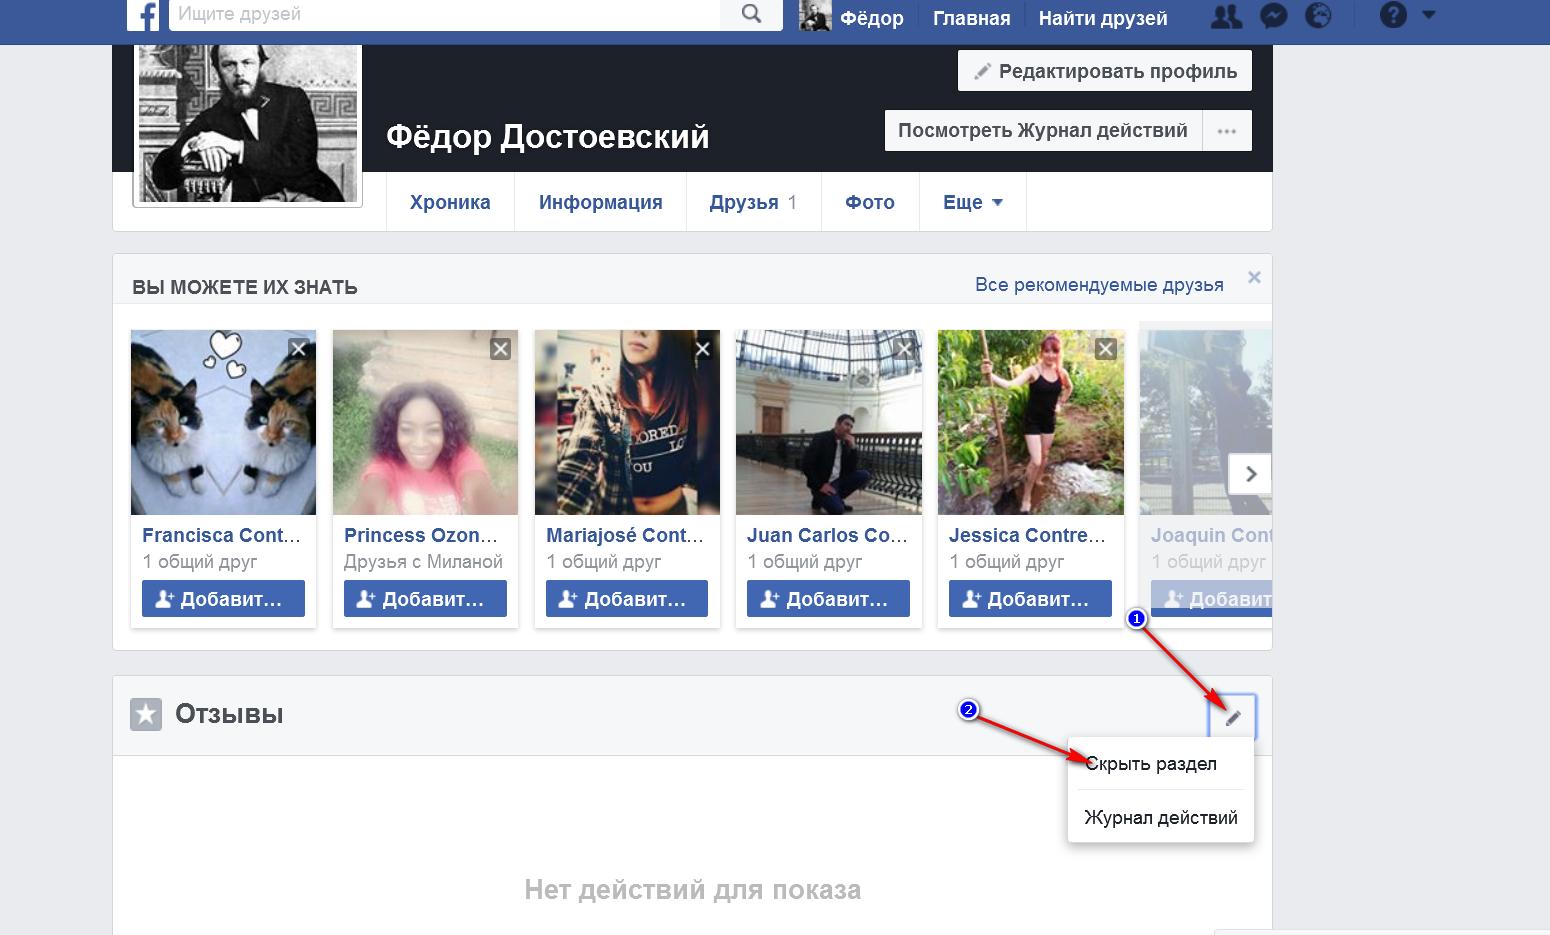 Как сделать главные фото в фейсбуке